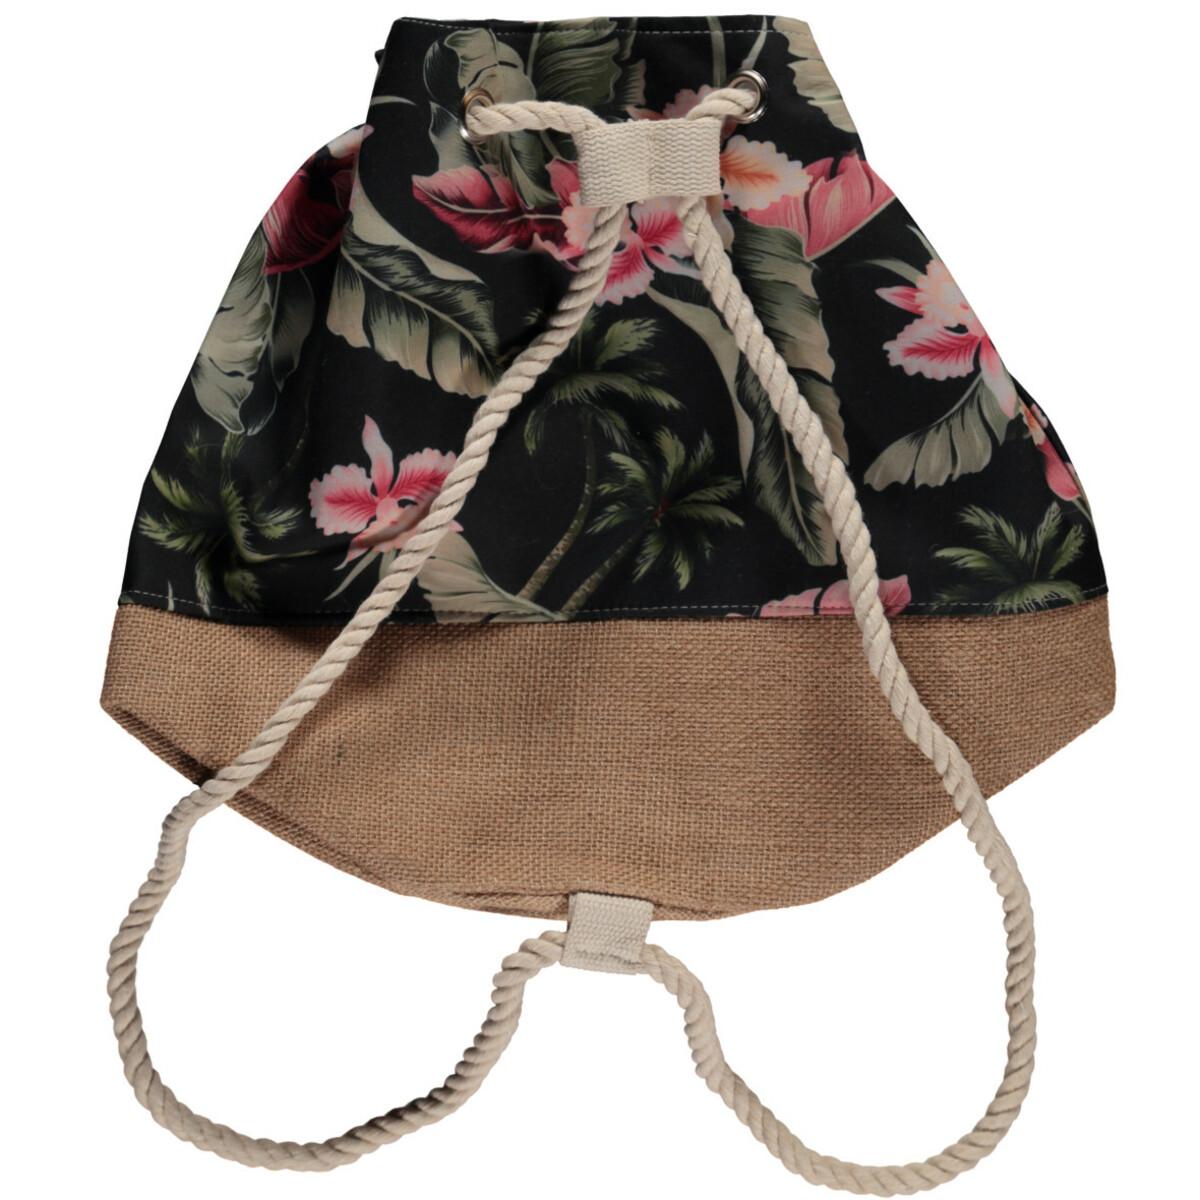 Bild 2 von Strandtasche mit Rucksackfunktion